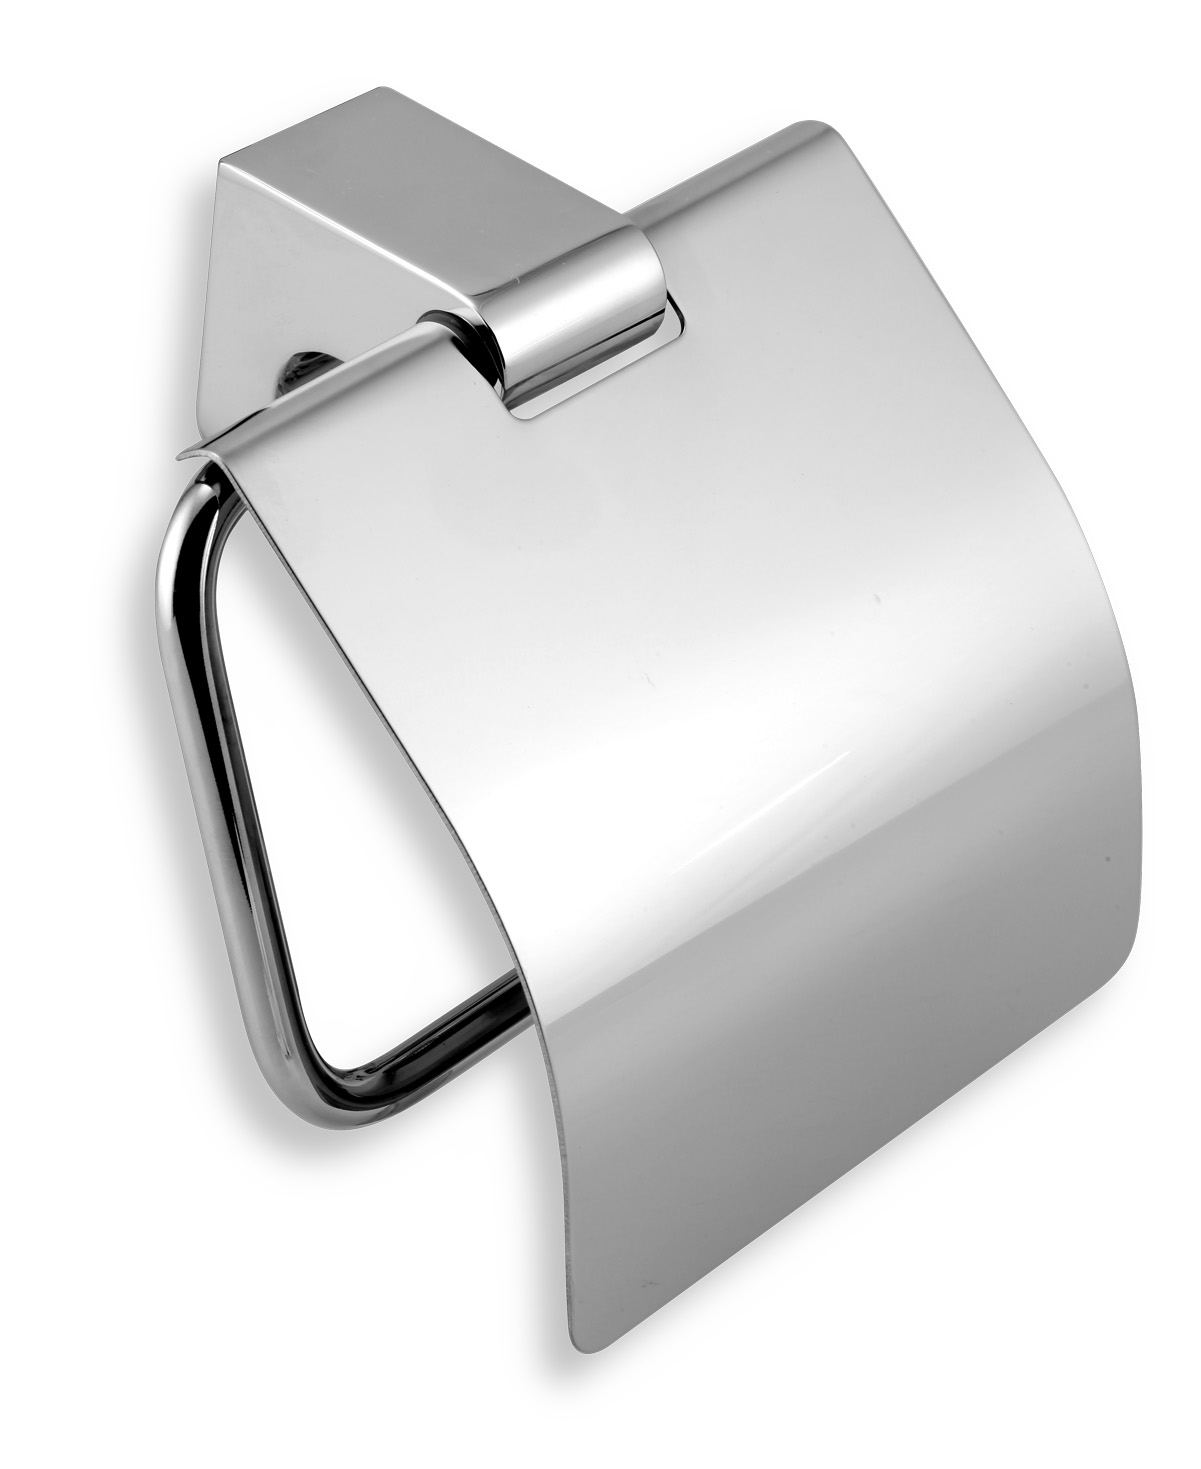 Závěs toaletního papíru s krytem AUDREY chrom